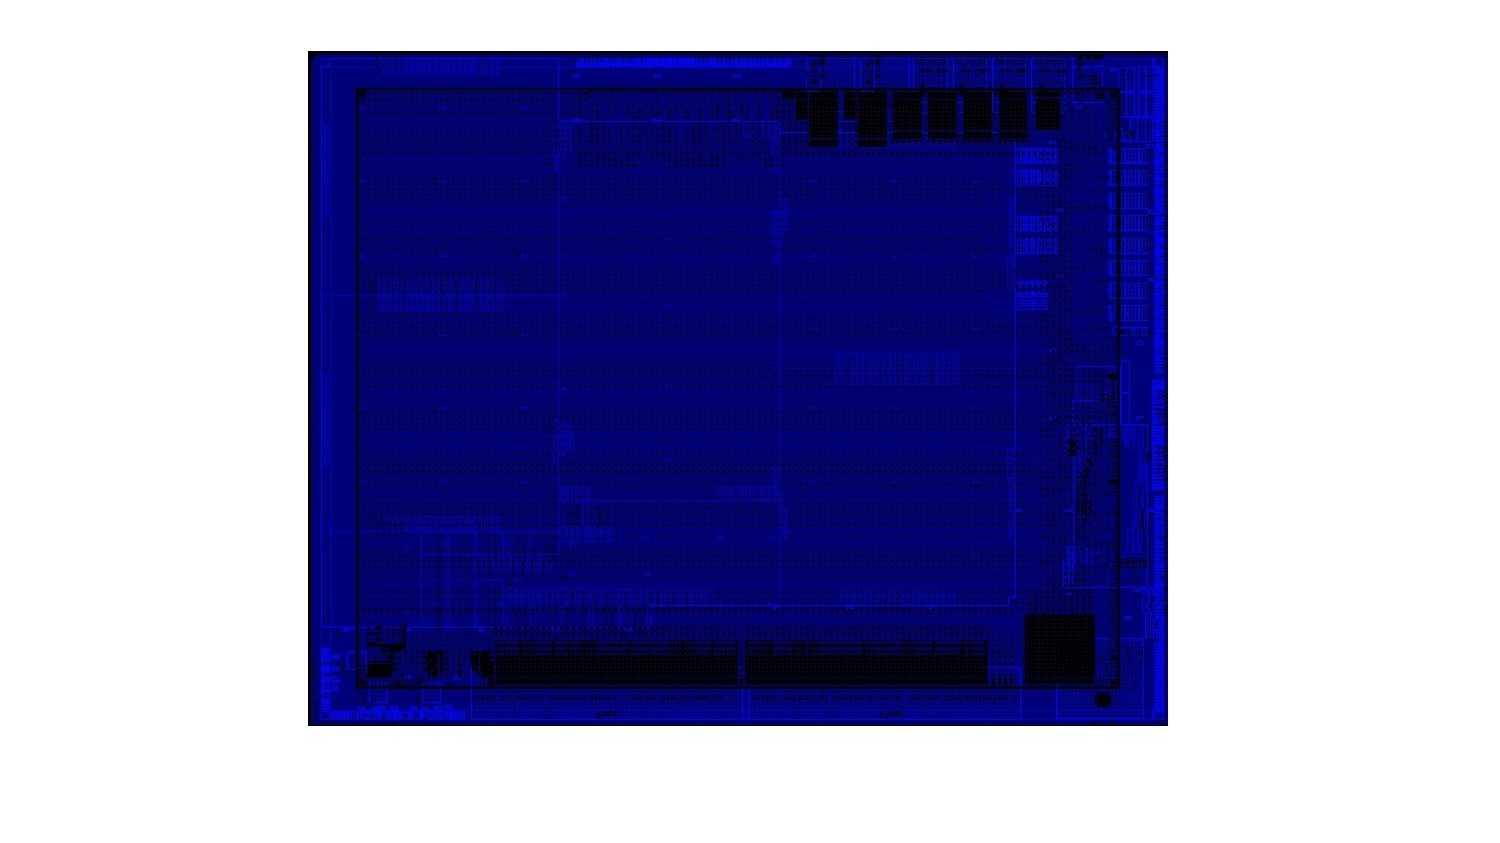 Hot Chips: Thinci stellt seinen Graphenprozessor ein bisschen vor